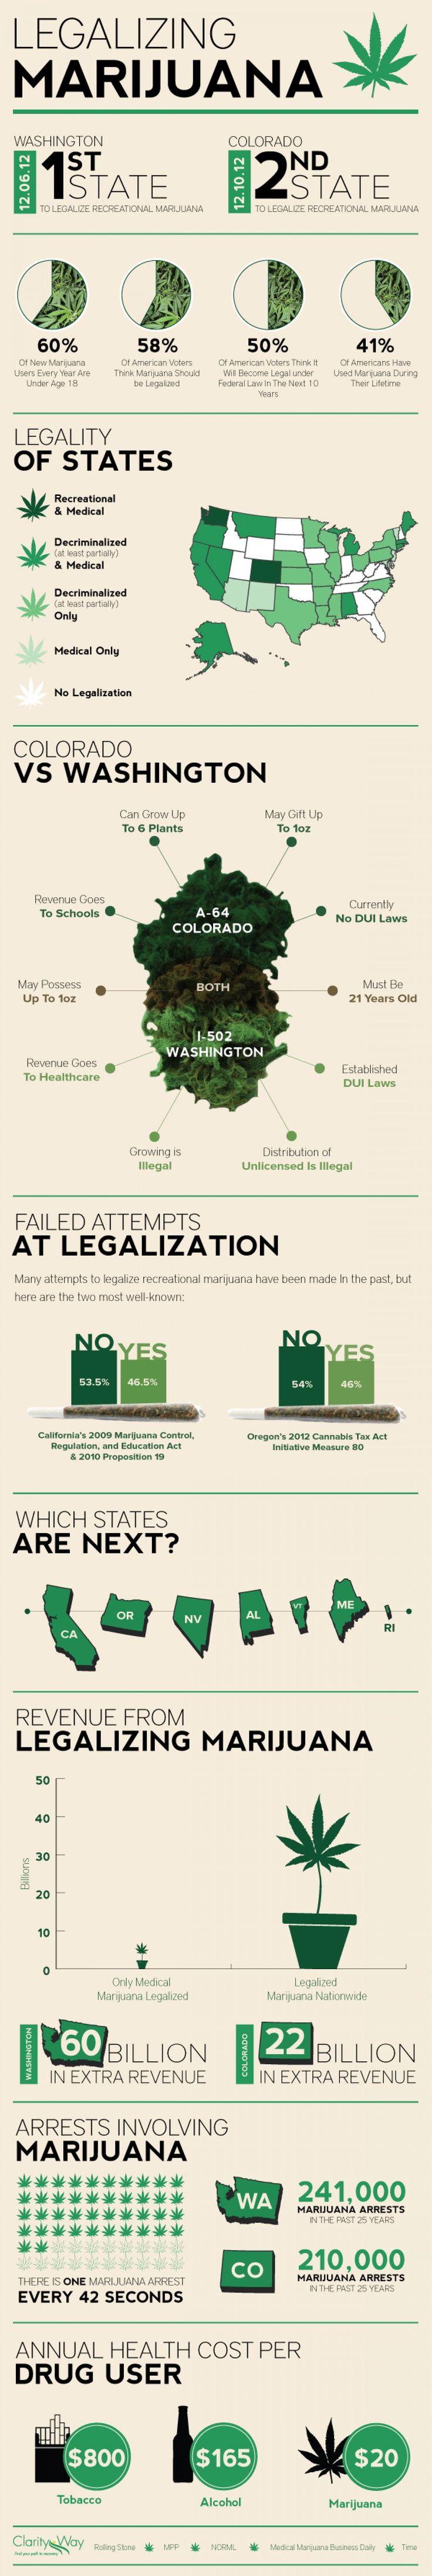 Legalizing Marijuana Infographic